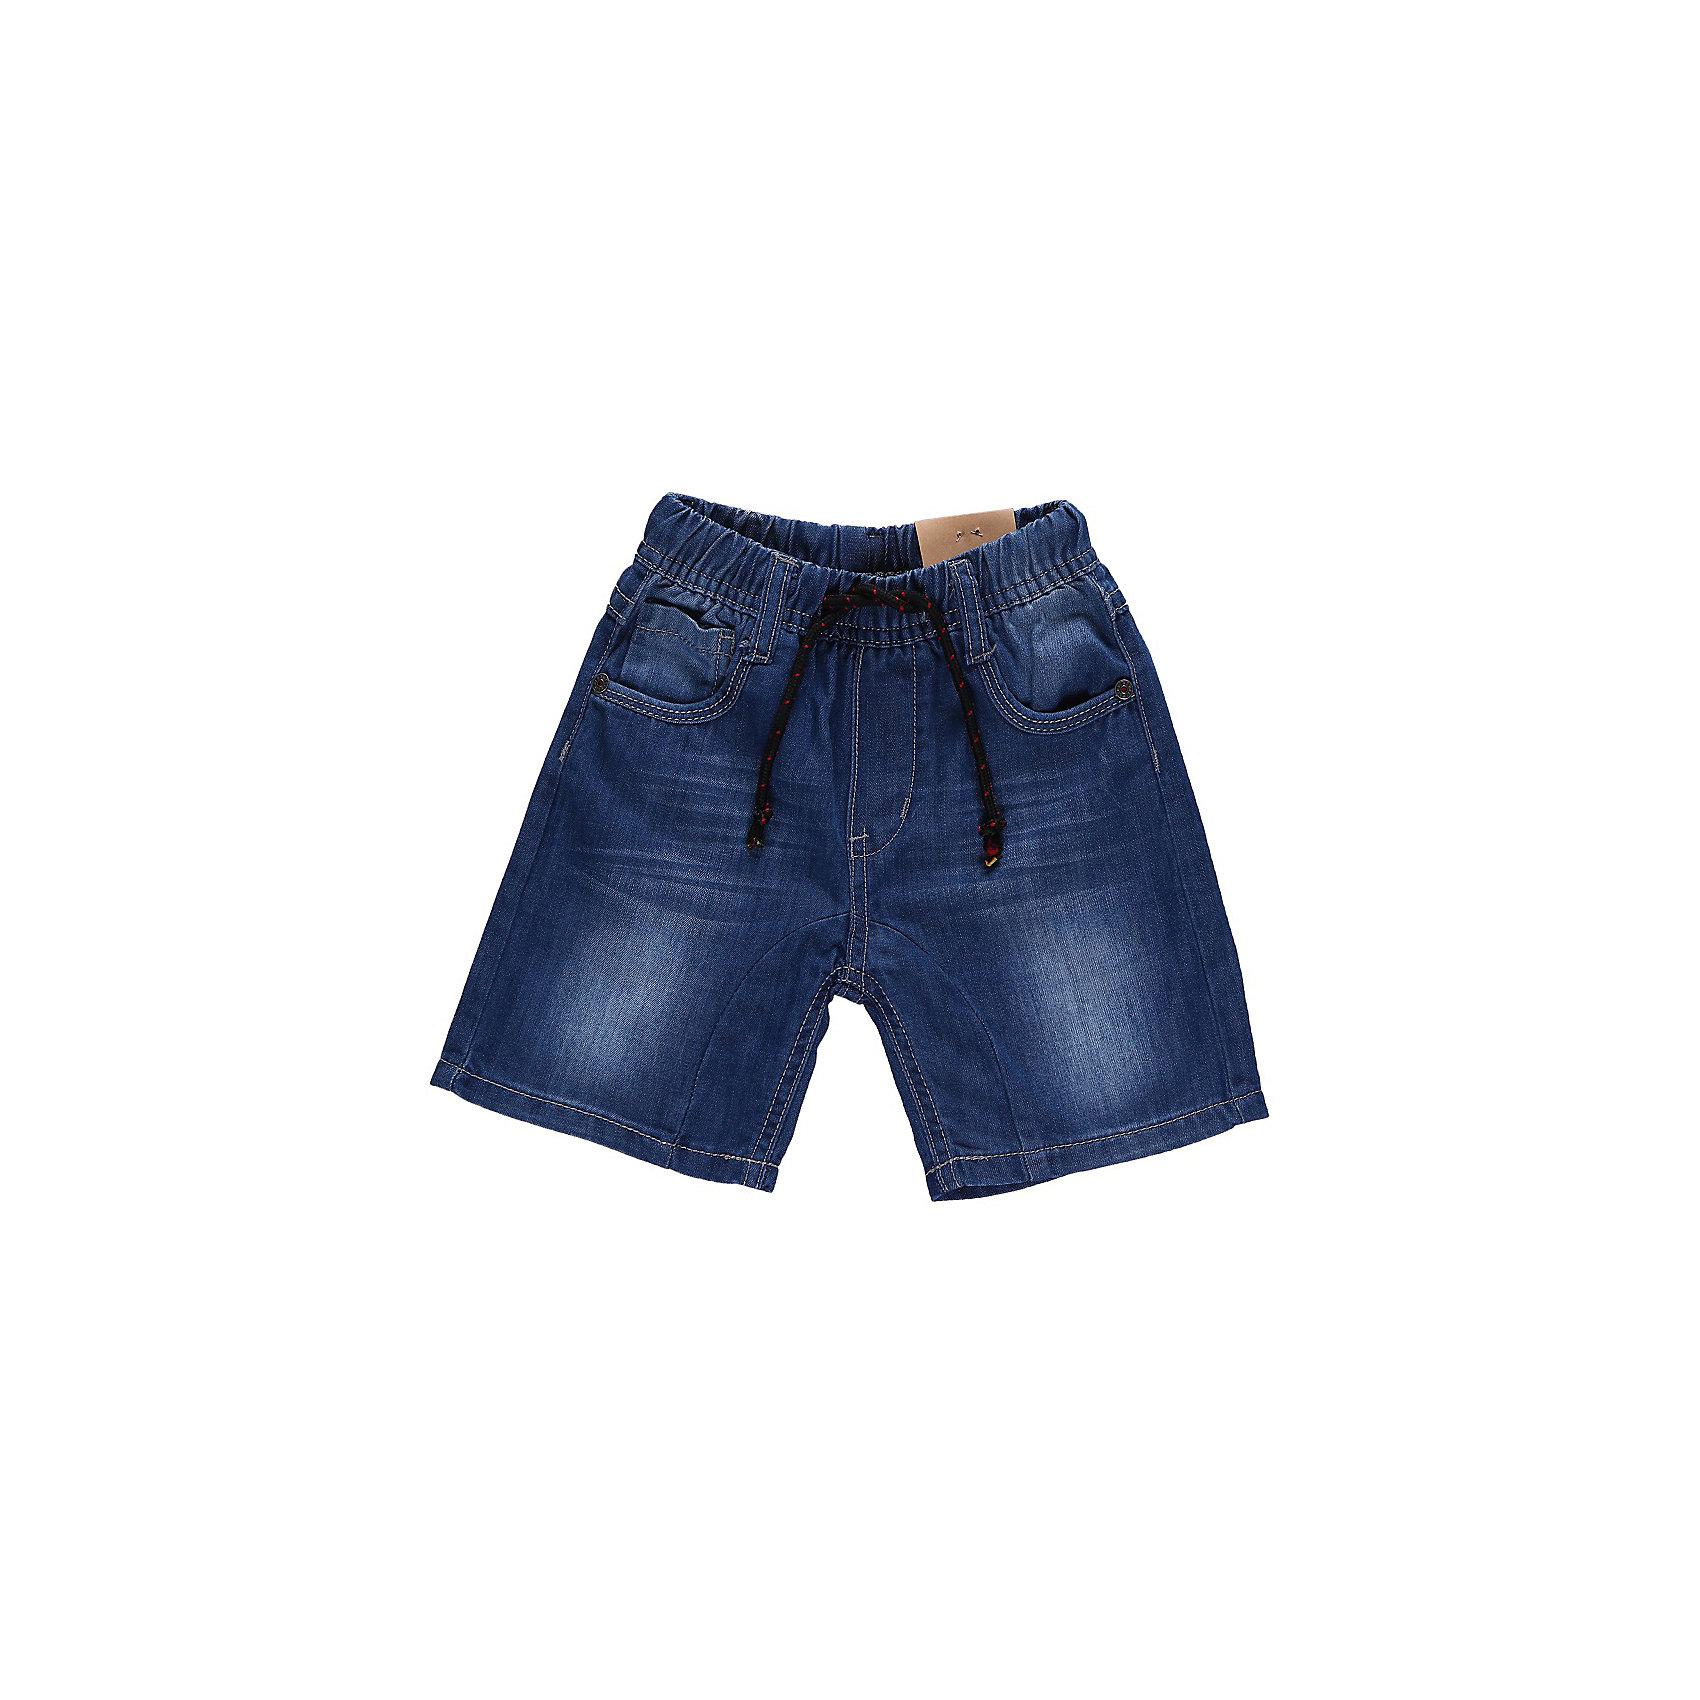 Бриджи джинсовые  для мальчика Sweet BerryШорты и бриджи<br>Джинсовые шорты на резинке с регулировкой шнурком по поясу<br>Состав:<br>100% хлопок<br><br>Ширина мм: 191<br>Глубина мм: 10<br>Высота мм: 175<br>Вес г: 273<br>Цвет: синий<br>Возраст от месяцев: 9<br>Возраст до месяцев: 12<br>Пол: Мужской<br>Возраст: Детский<br>Размер: 80,98,92,86<br>SKU: 4522074